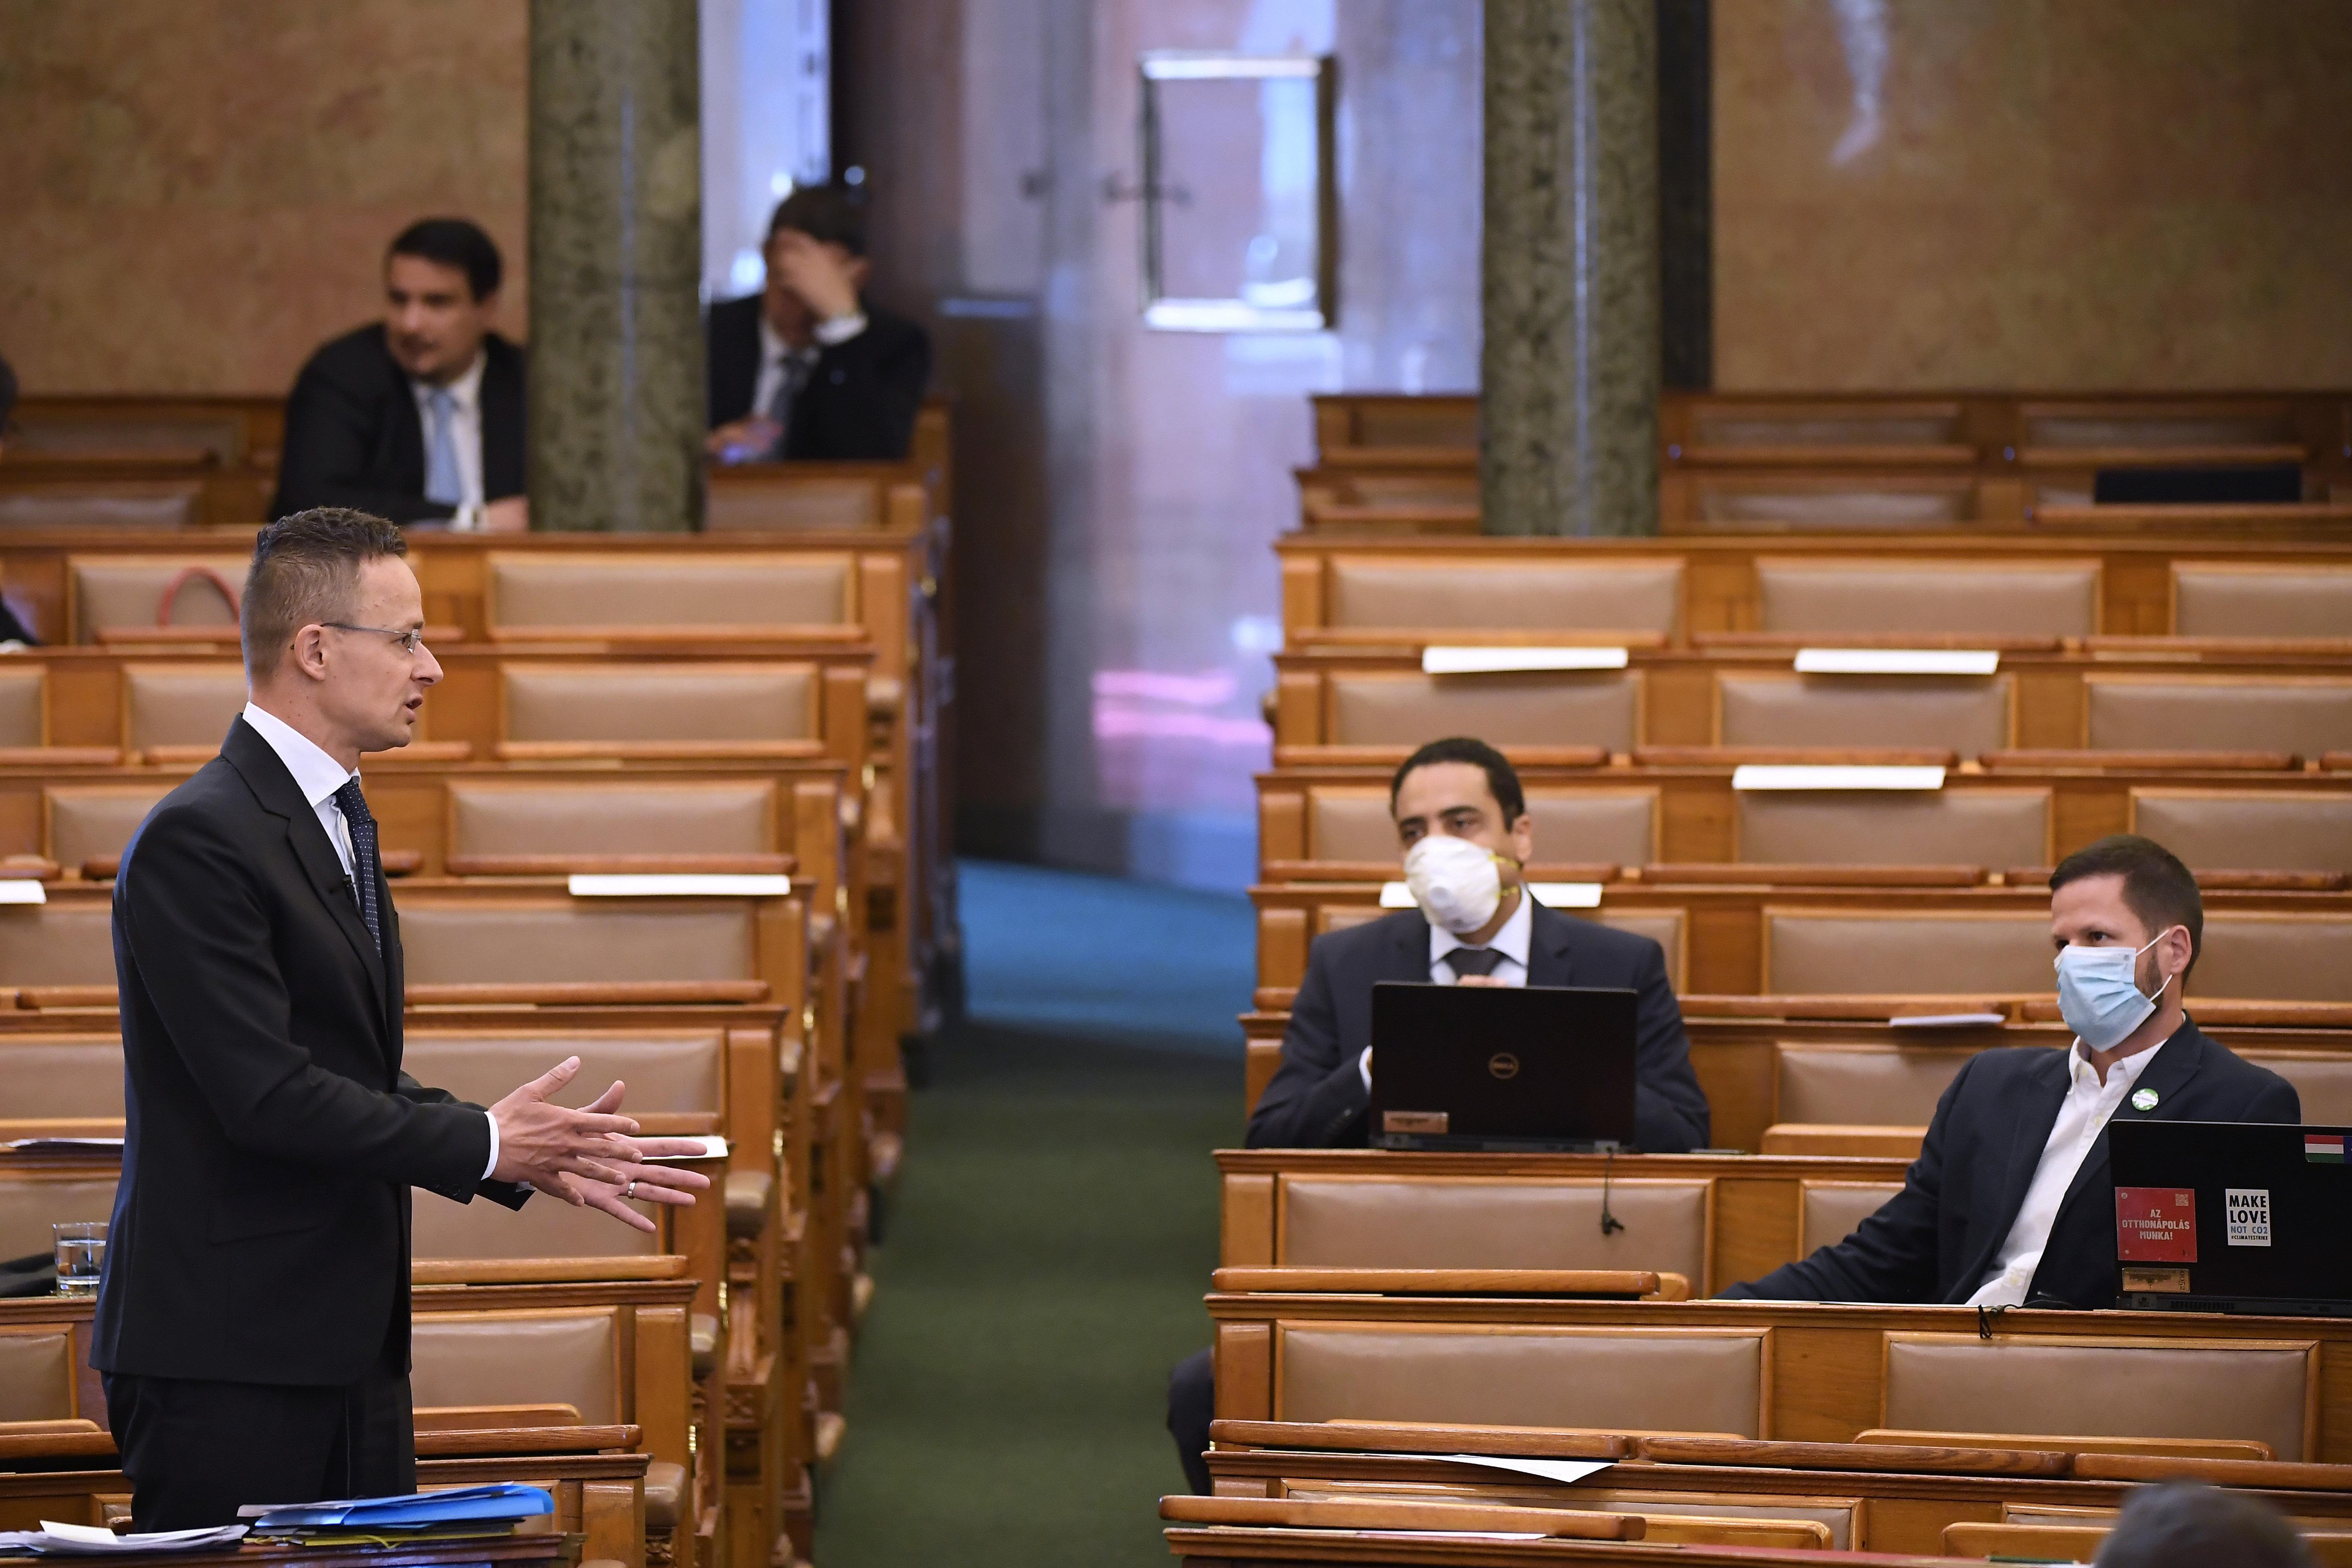 A kormány a Balkánra is több védőeszközt küldött, mint a fővárosi önkormányzatnak